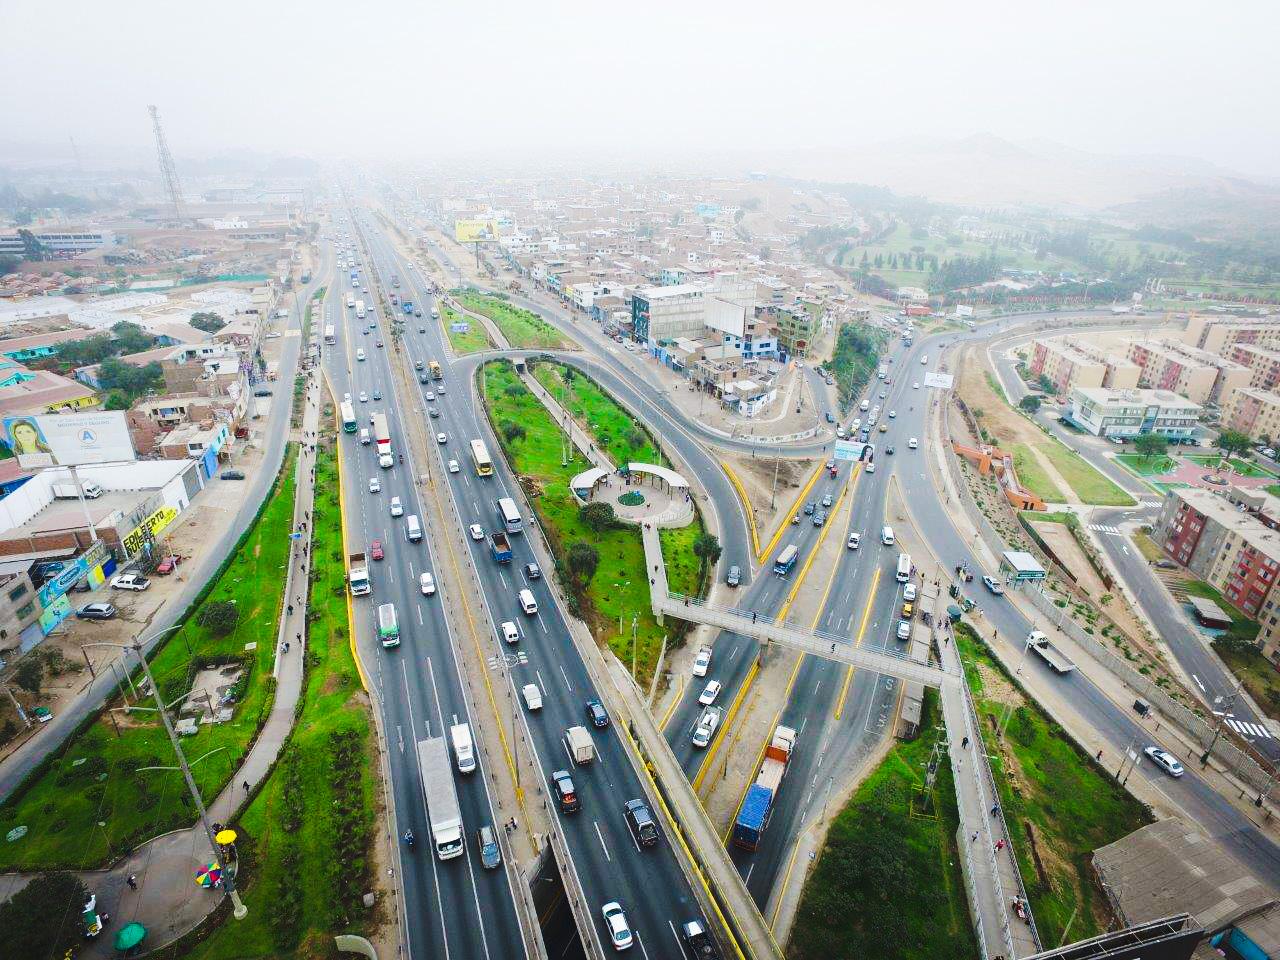 Durante las épocas festivas, los accidentes en las carreteras se incrementan en un 15%